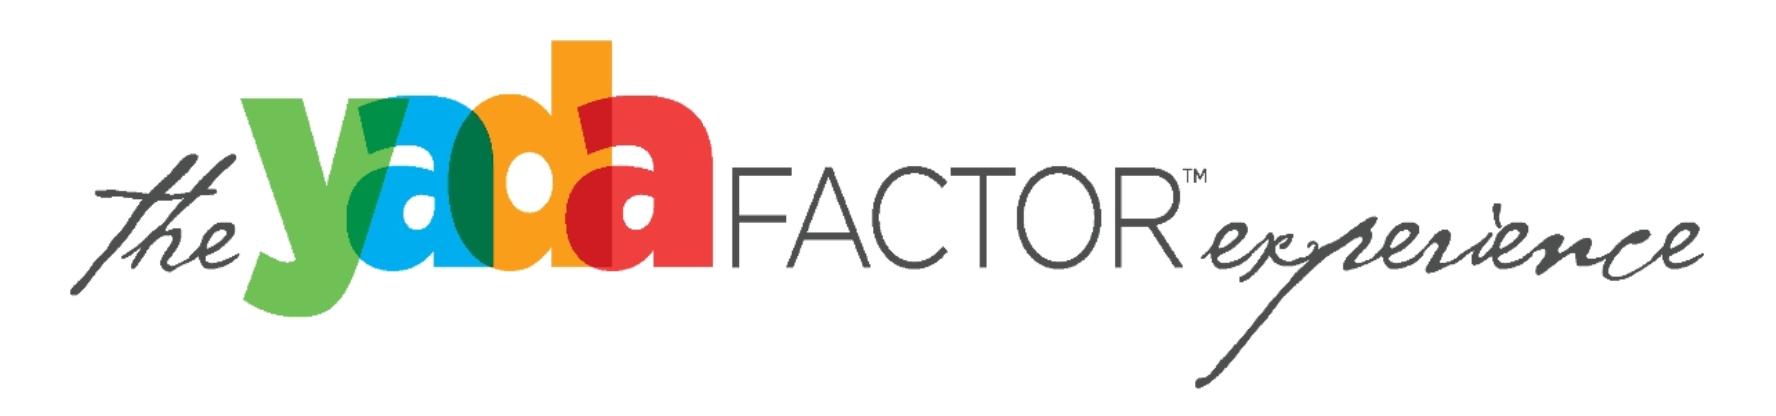 Yada Factor